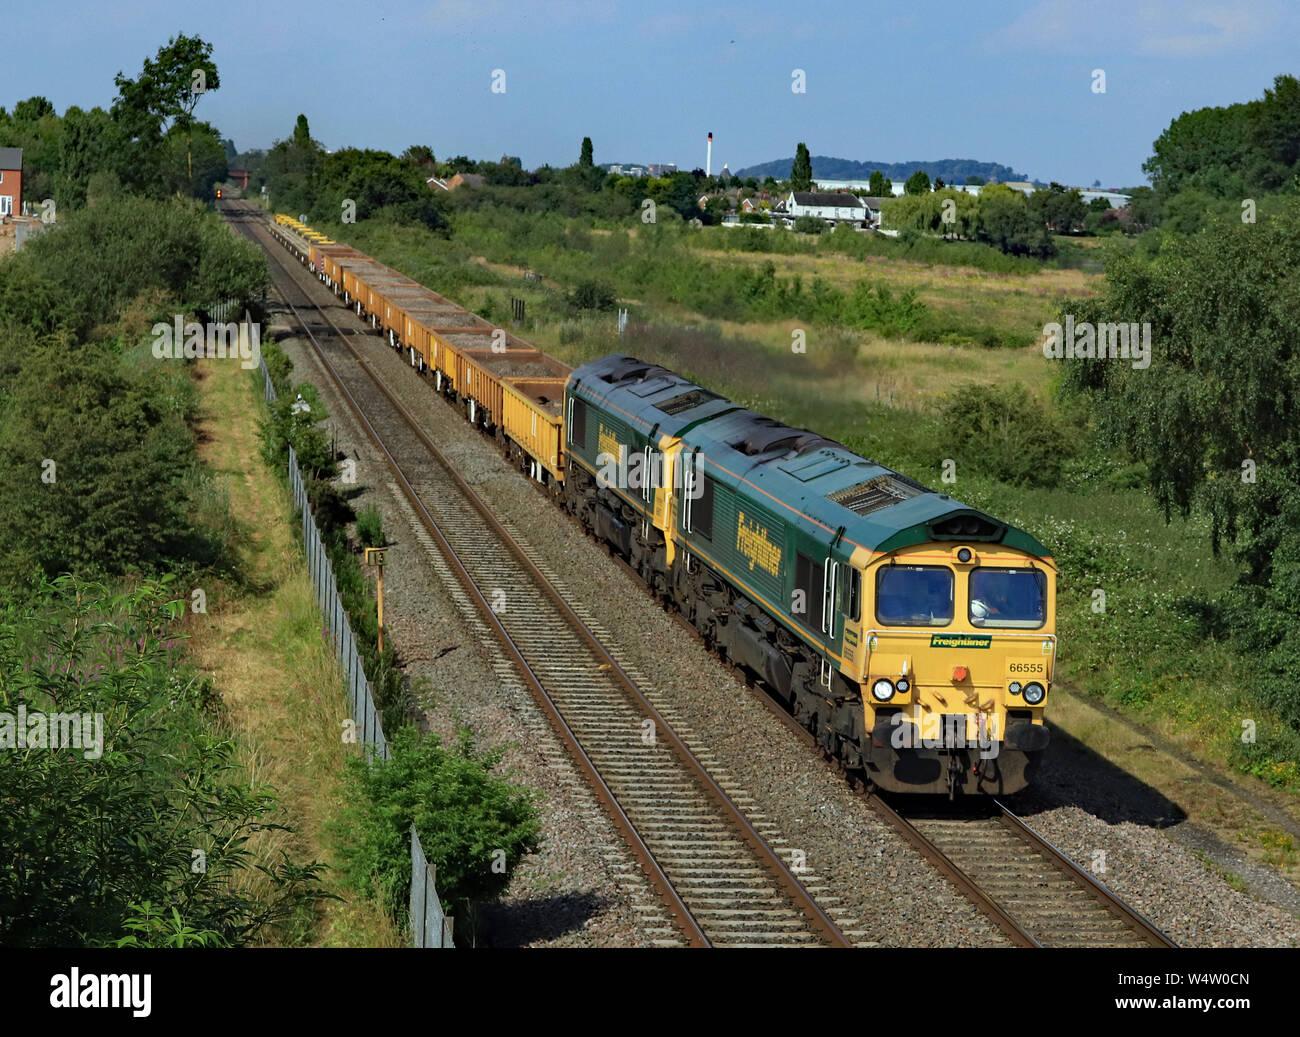 Freightliner Diesellokomotiven 66555 und 66617 Reisen von Burton-on-Trent nach Tamworth mit einem Güterzug pass Branston in Staffordshire. Stockfoto